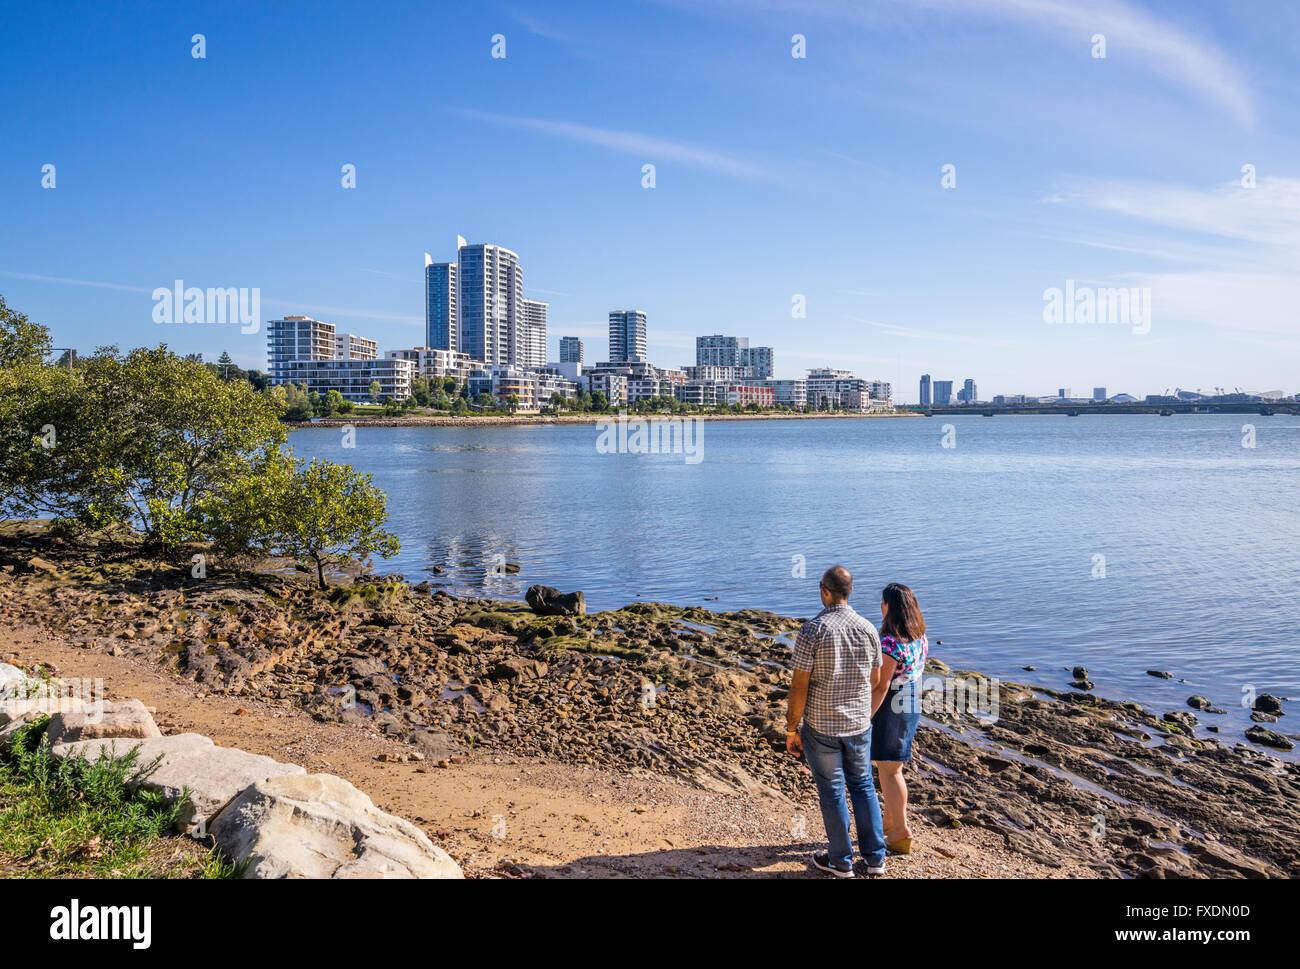 L'Australie, Nouvelle Galles du Sud, Parramatta River, vue des tours d'immeubles d'appartements à Photo Stock